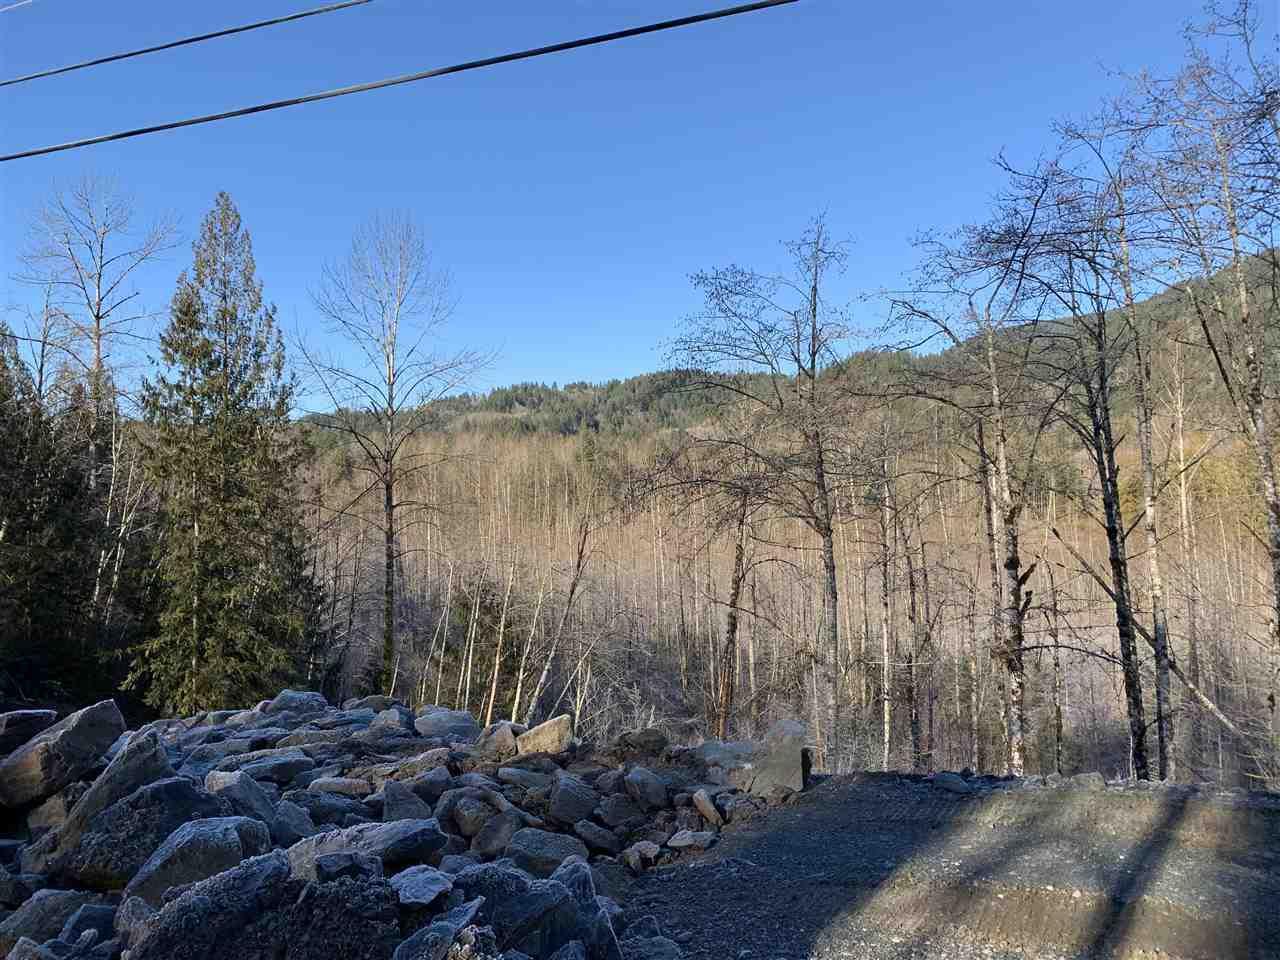 Main Photo: 51515 CHILLIWACK LAKE Road in Sardis - Chwk River Valley: Chilliwack River Valley Home for sale (Sardis)  : MLS®# R2337395